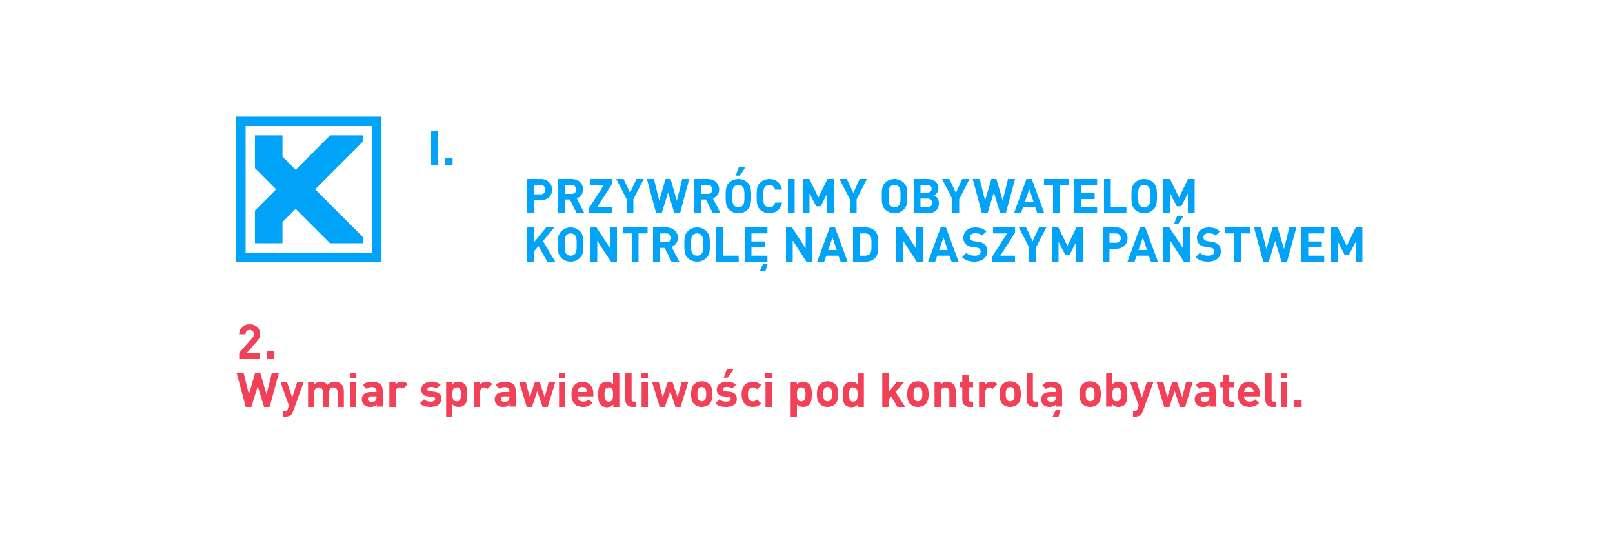 struktura administracji publicznej w polsce